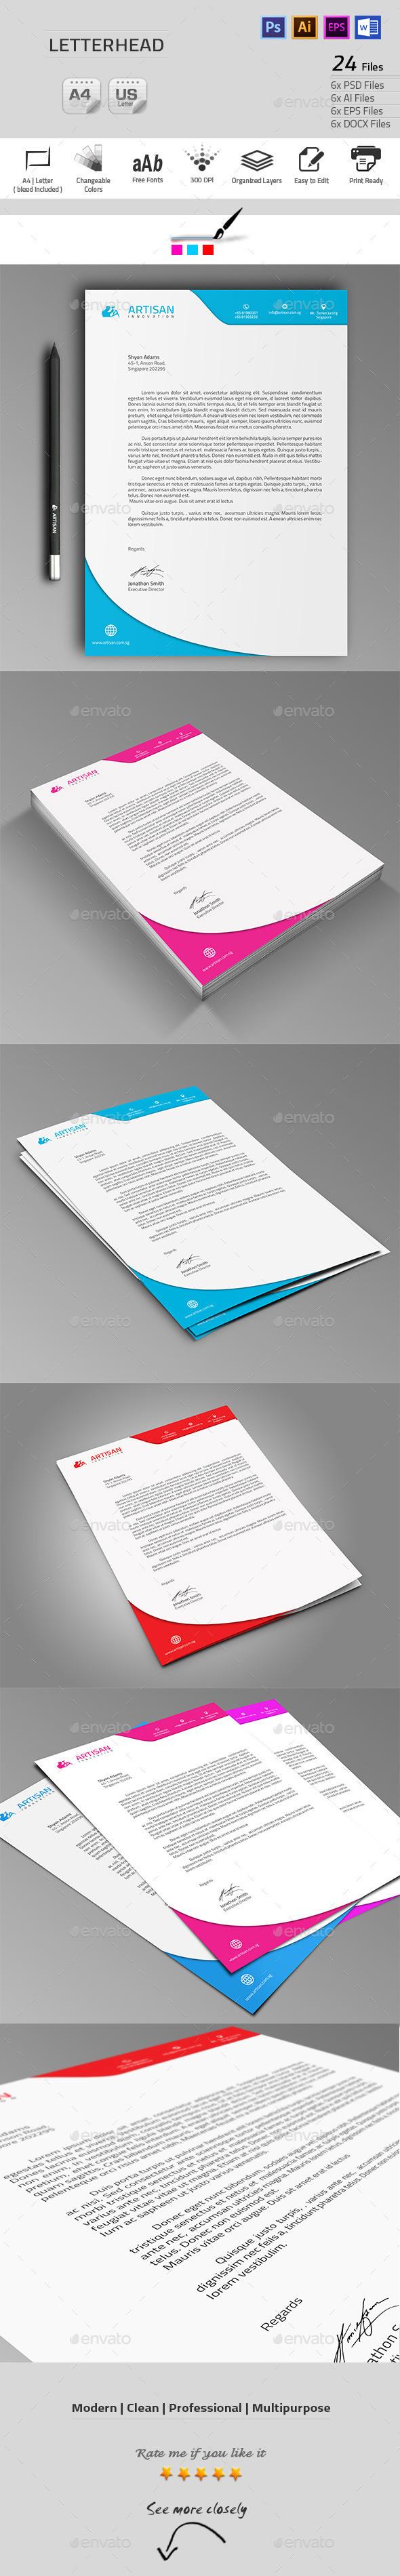 GraphicRiver Letterhead 9939435